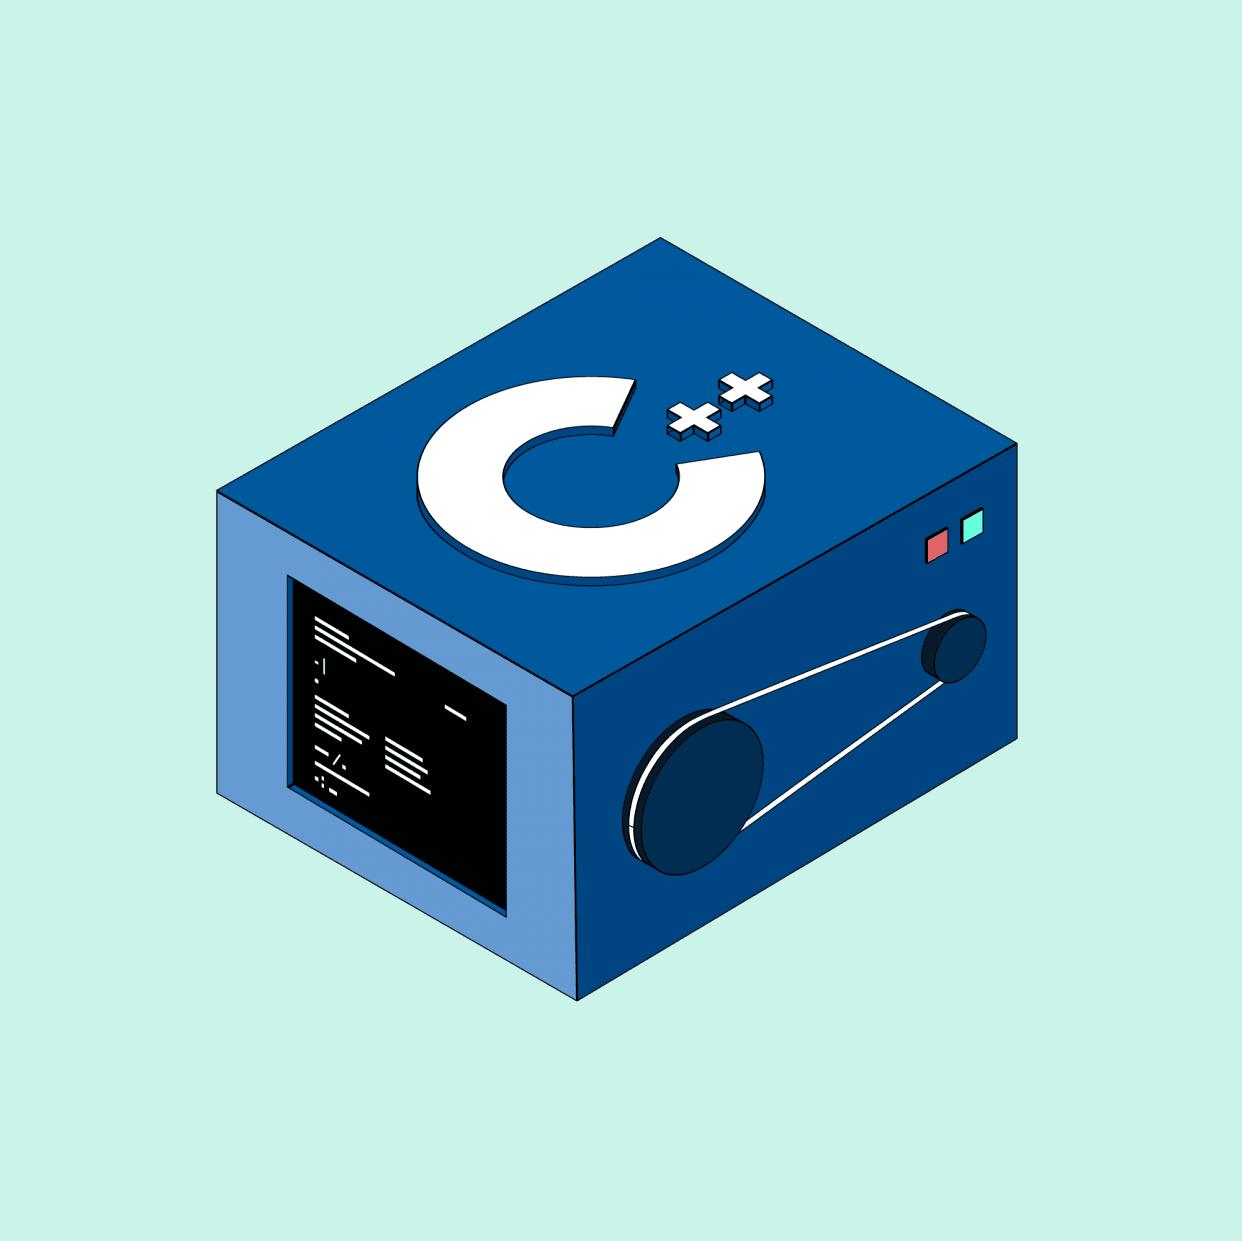 Курс «Разработчик на C++» от Skillbox